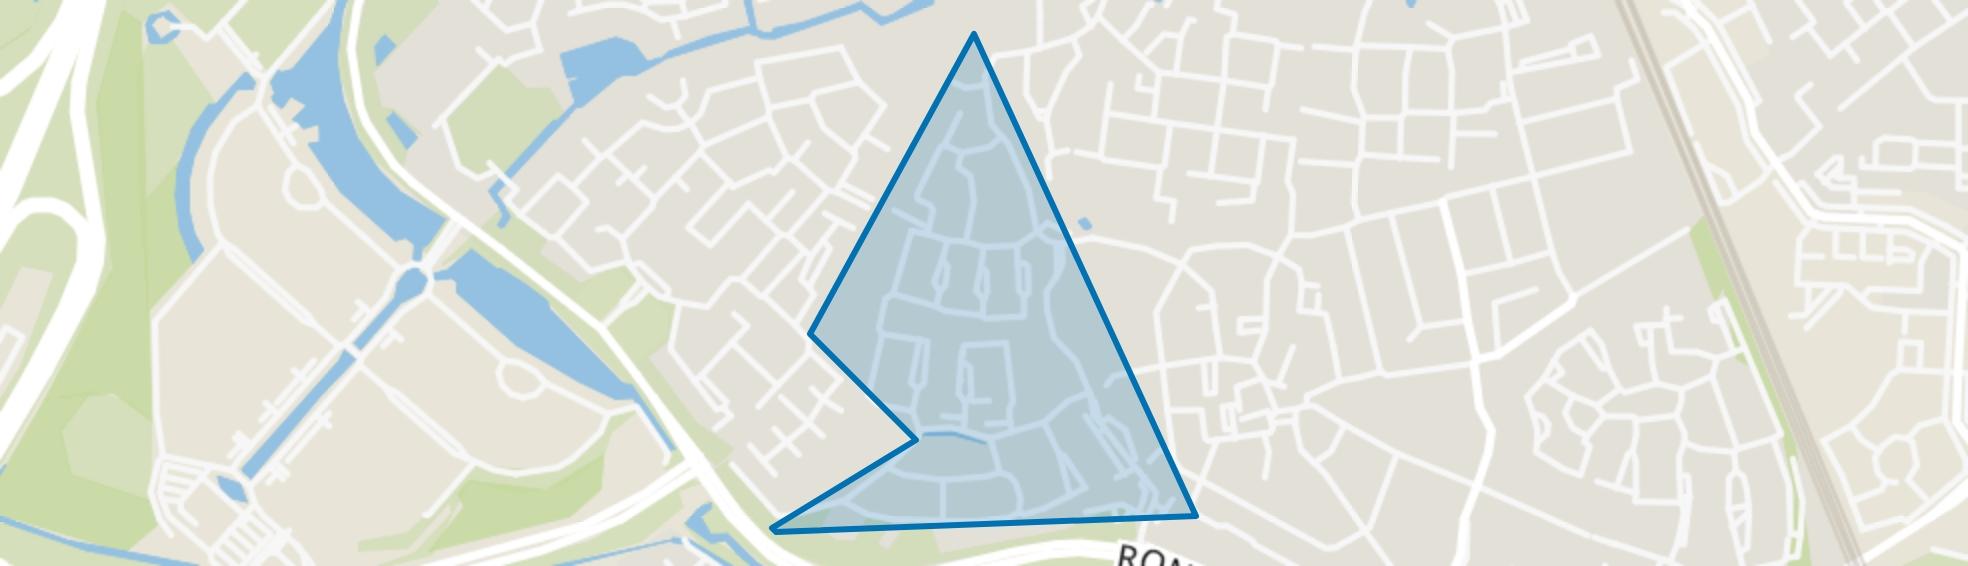 Poorten, Houten map